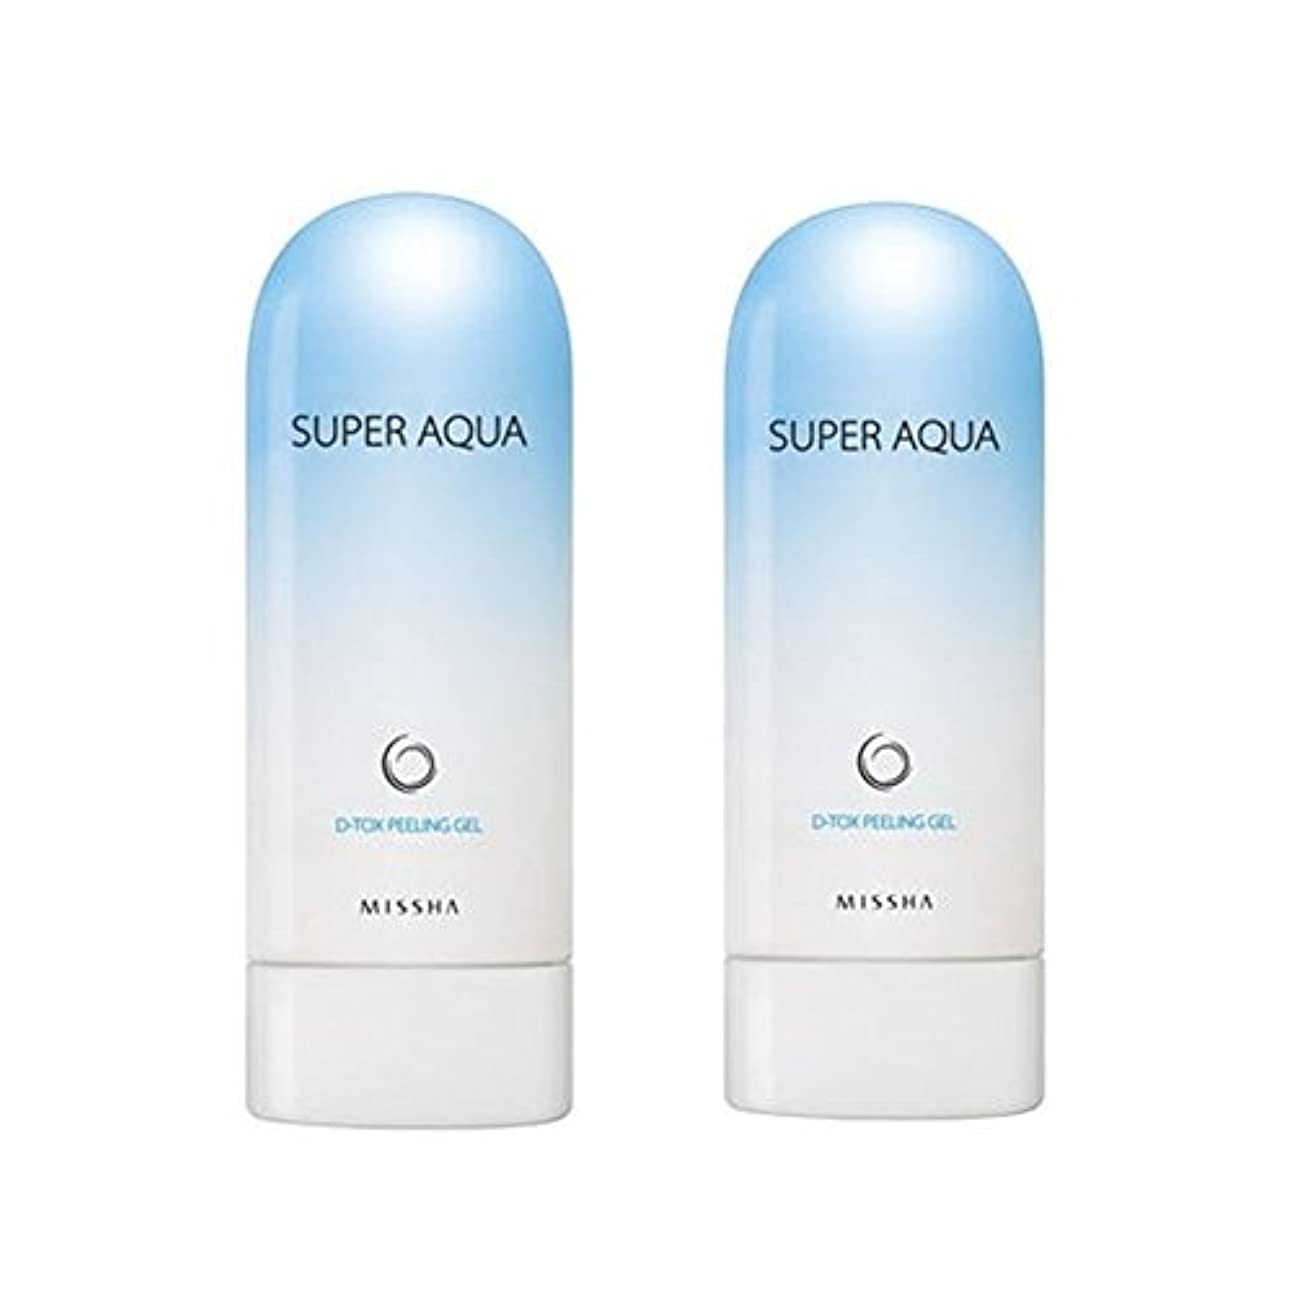 スキム最悪西ミシャスーパーアクアピーリングジェル100ml x 2本セット、MISSHA Super Aqua Peeling Gel 100ml x 2ea Set [並行輸入品]